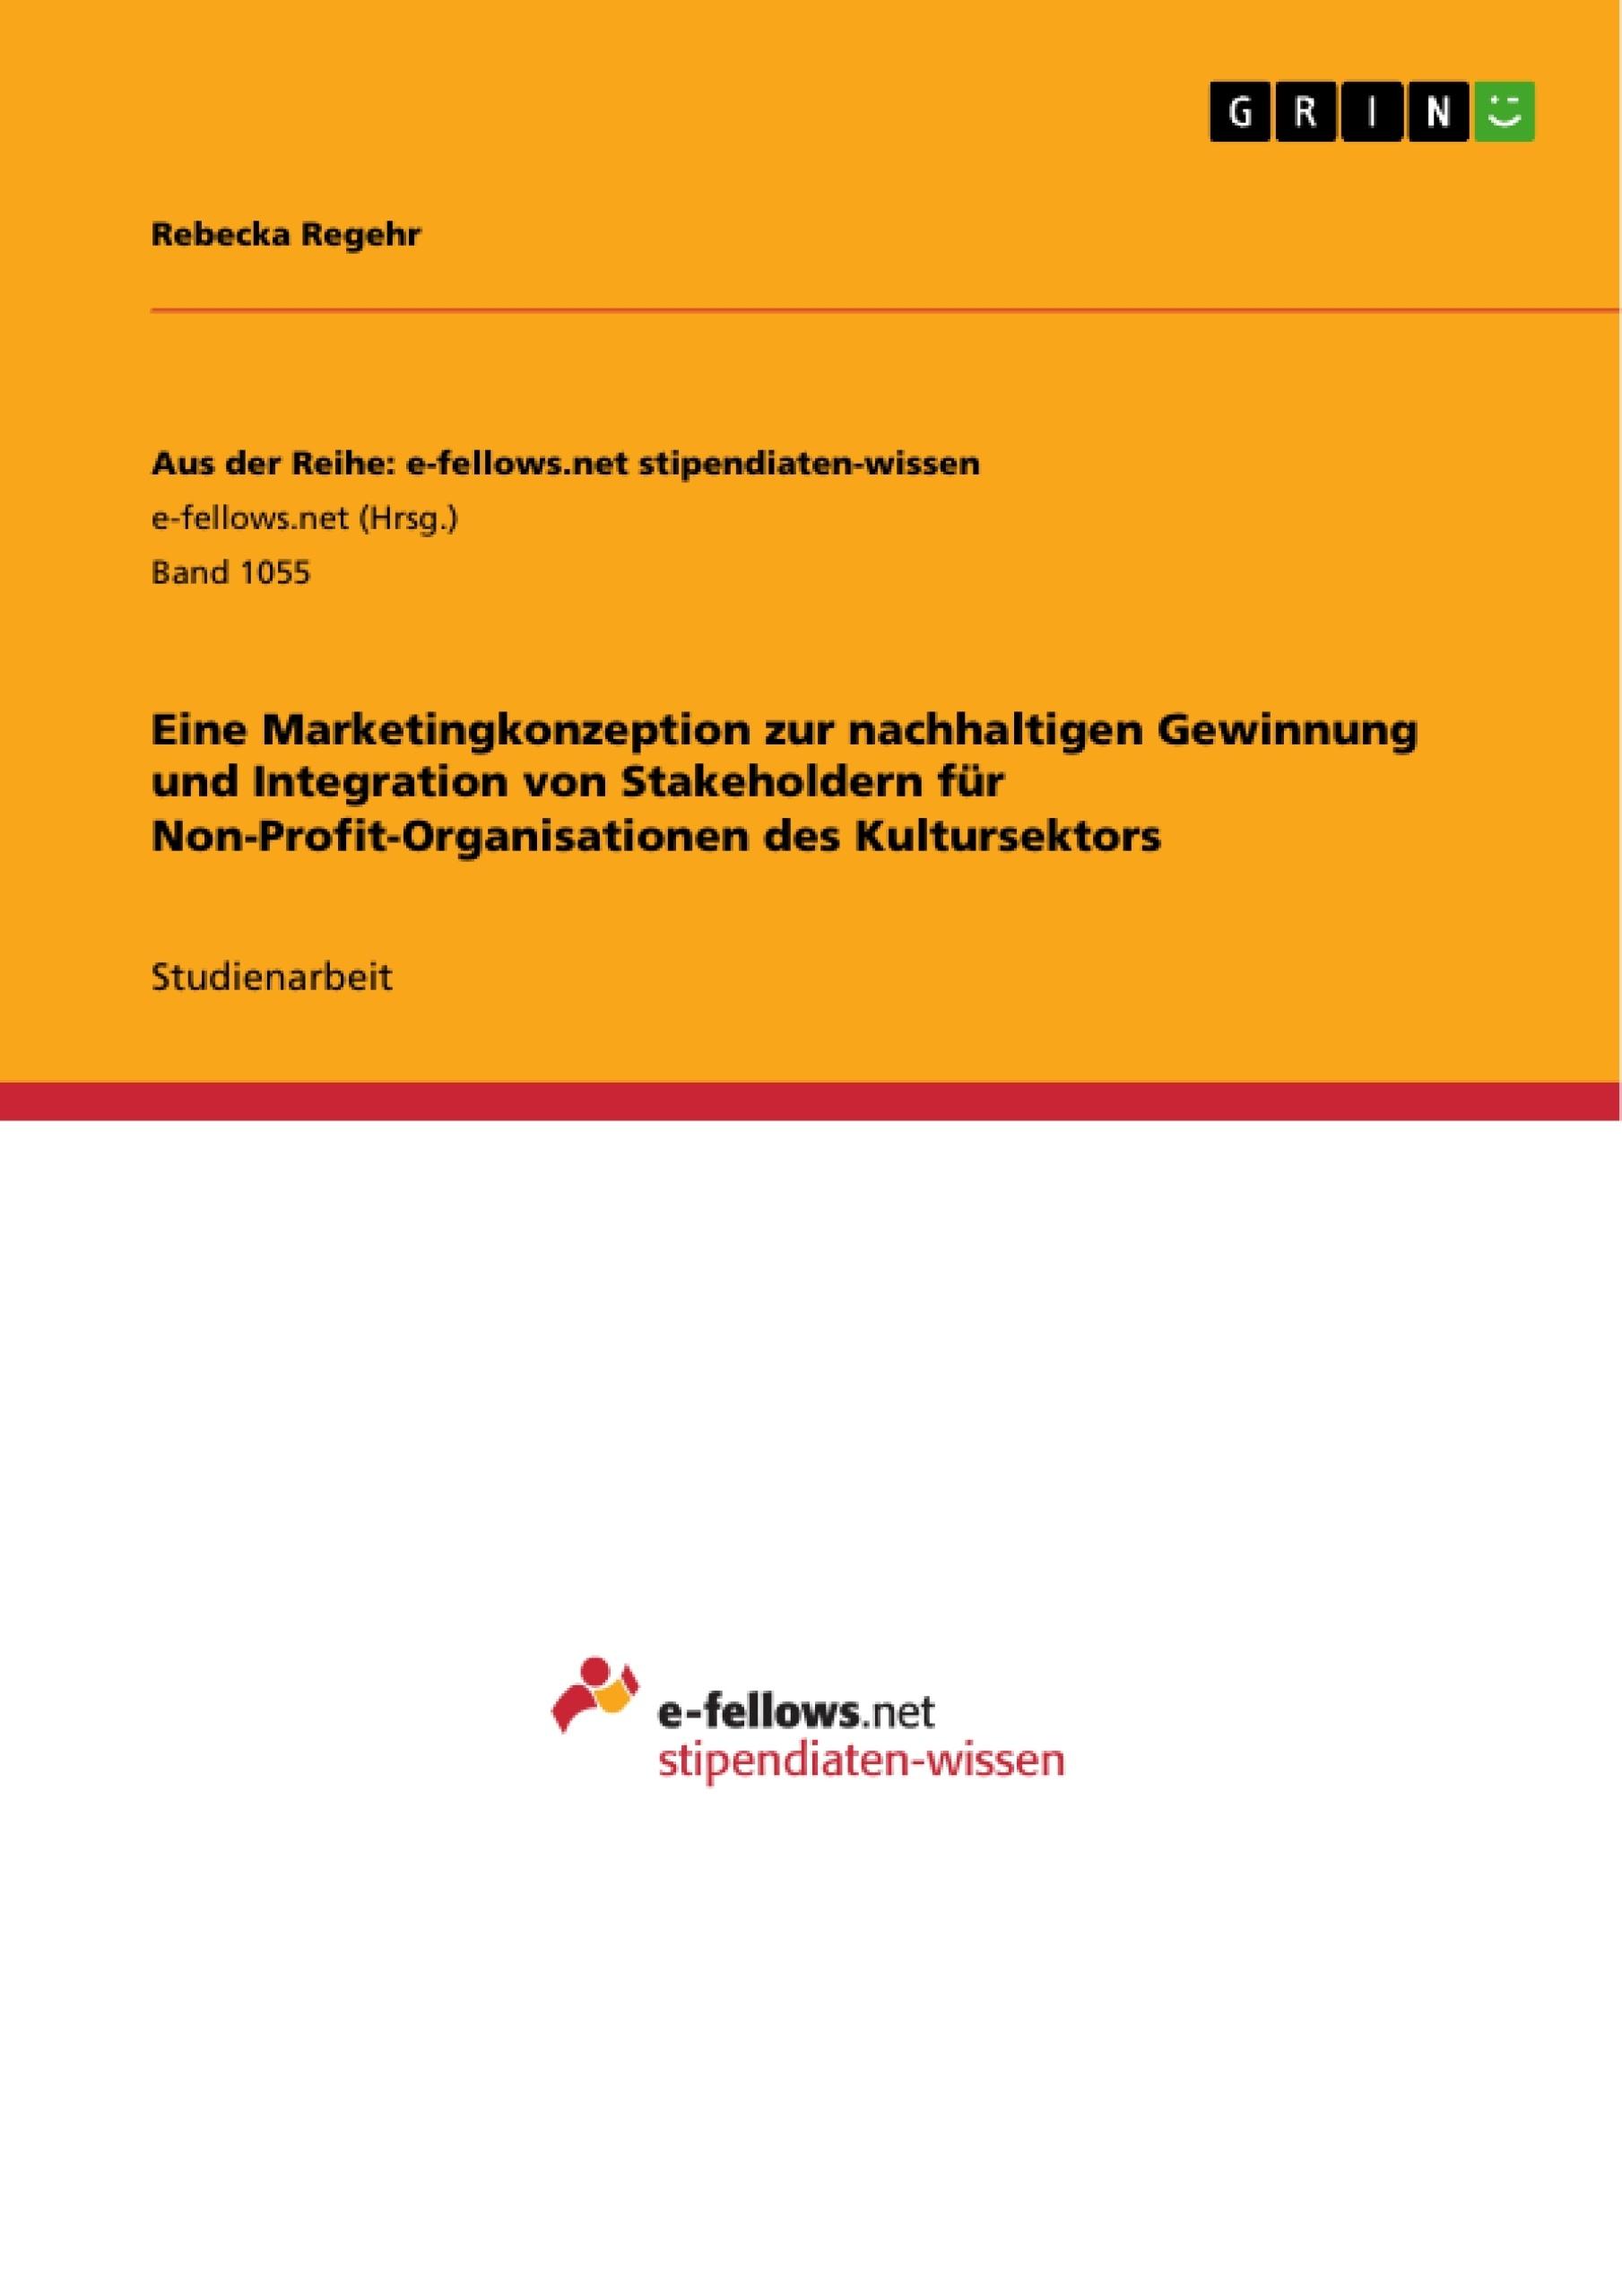 Titel: Eine Marketingkonzeption zur nachhaltigen Gewinnung und Integration von Stakeholdern für Non-Profit-Organisationen des Kultursektors